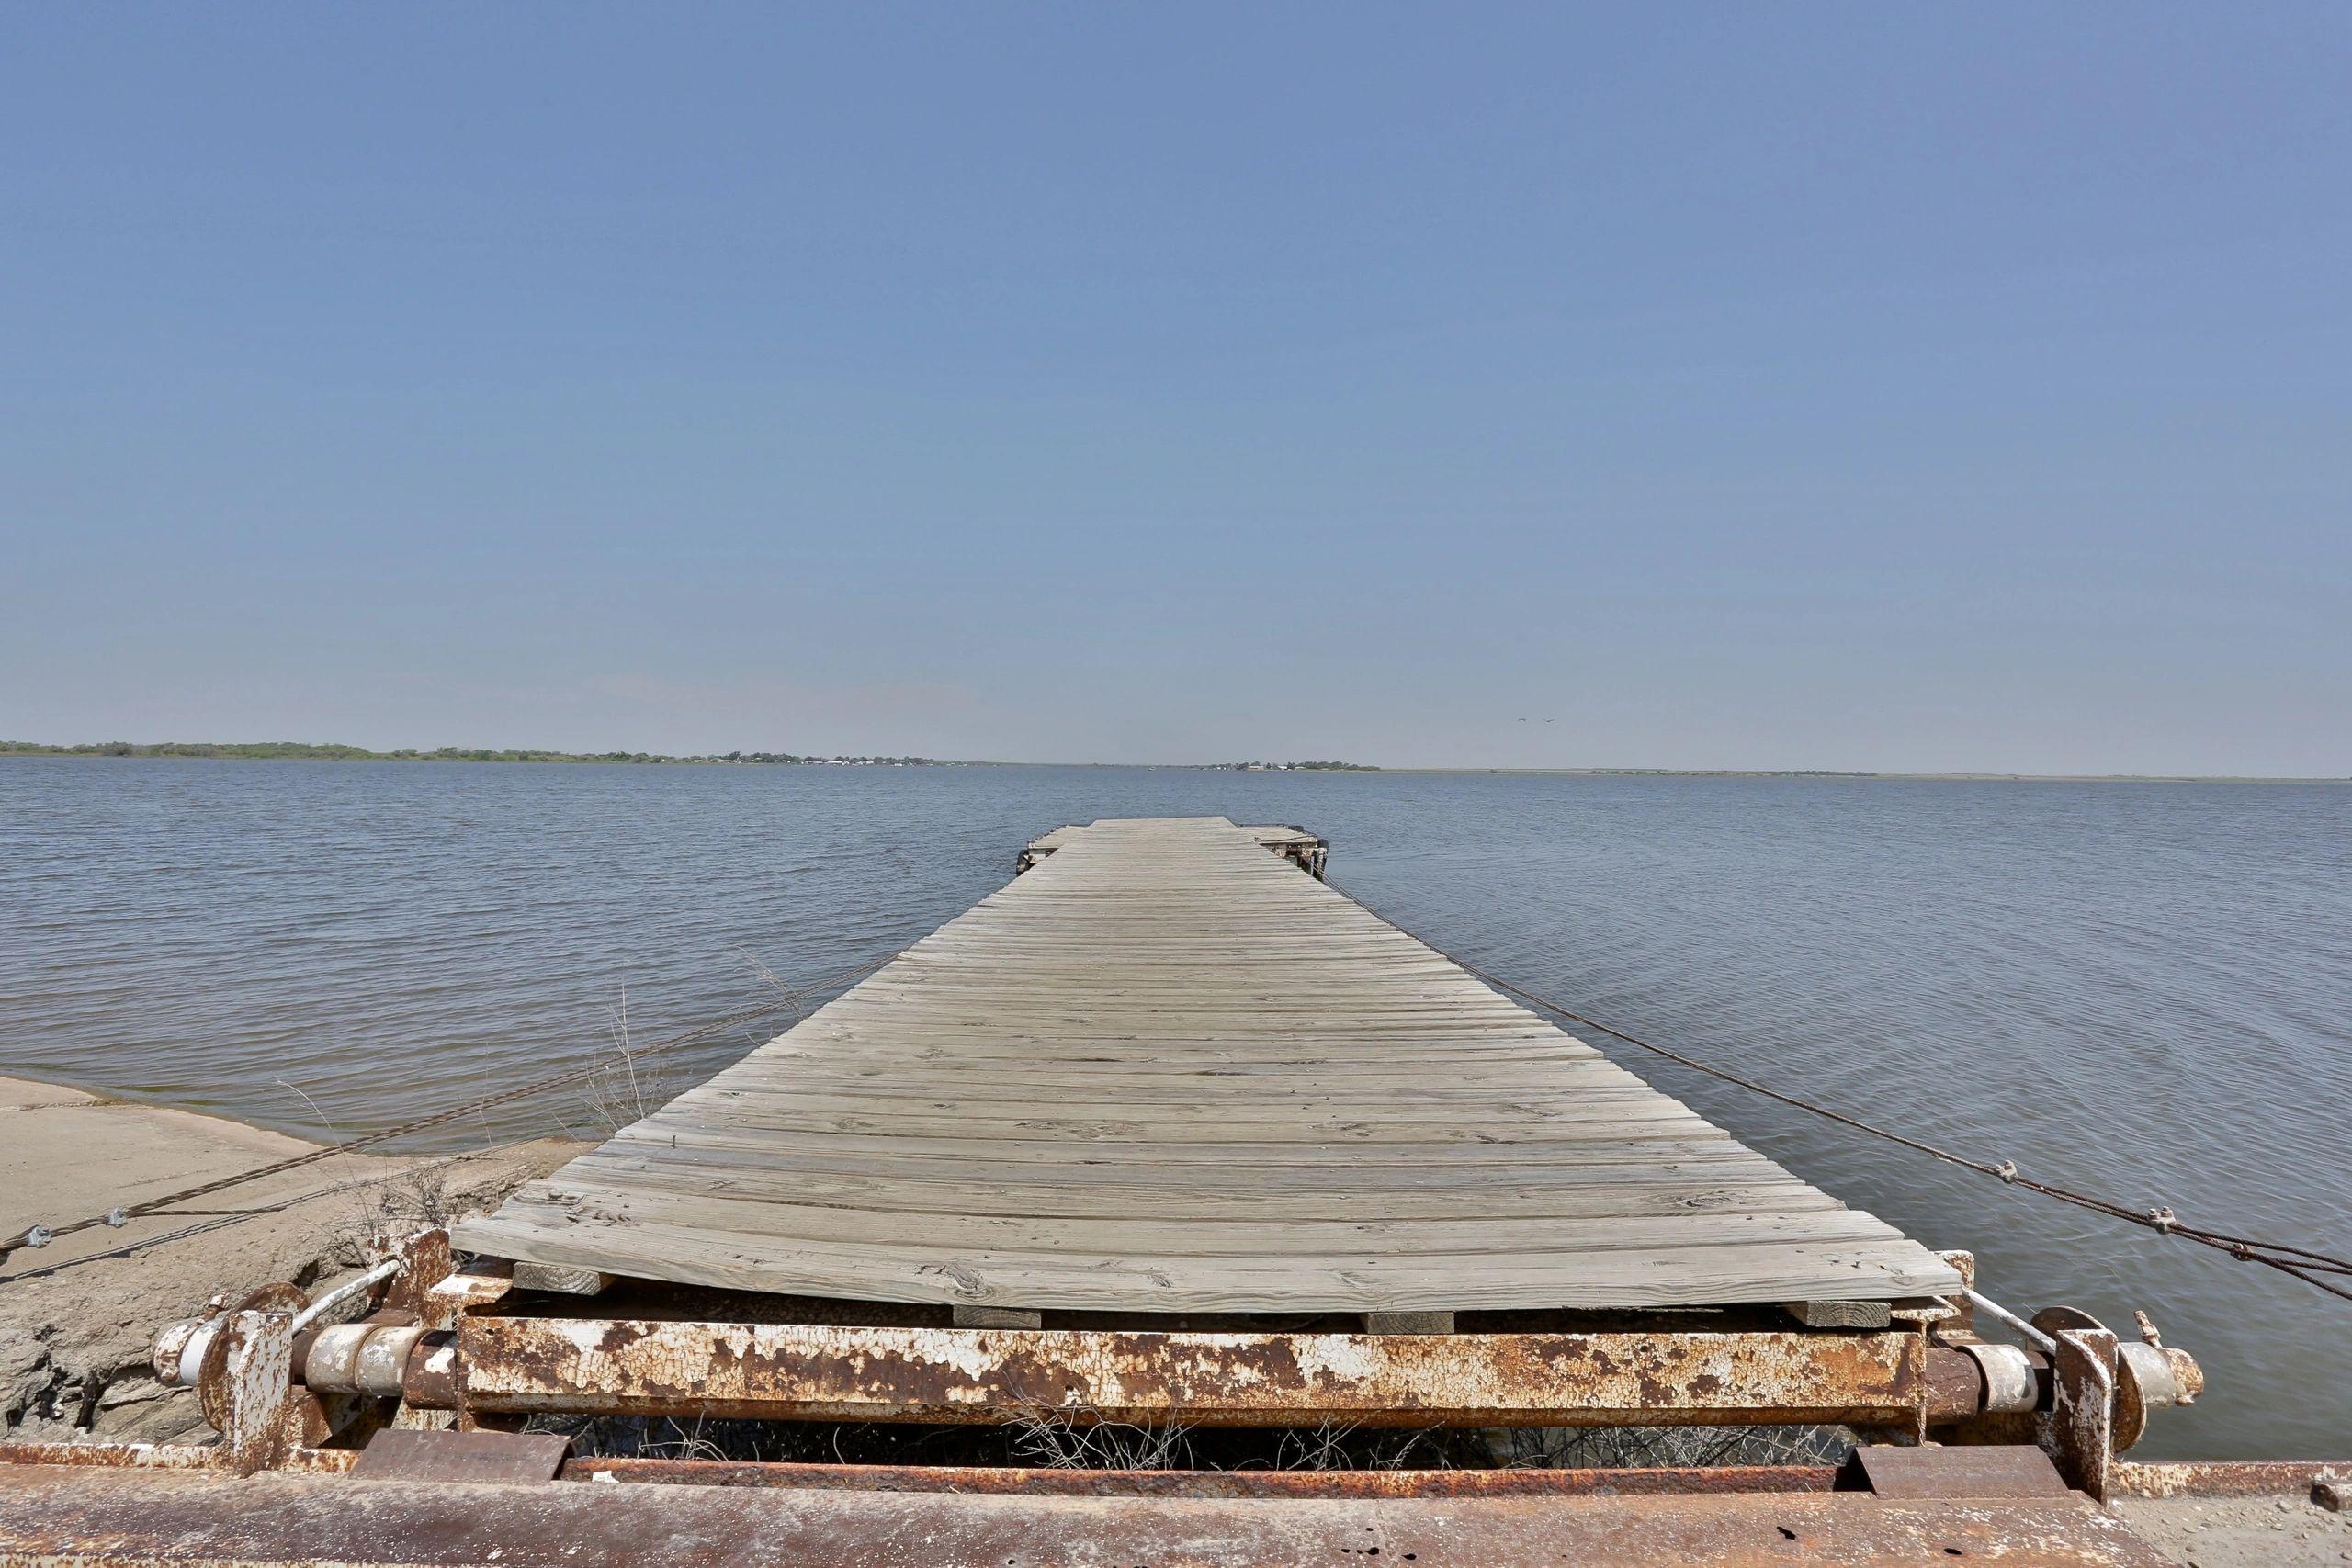 Lake Stamford Marina